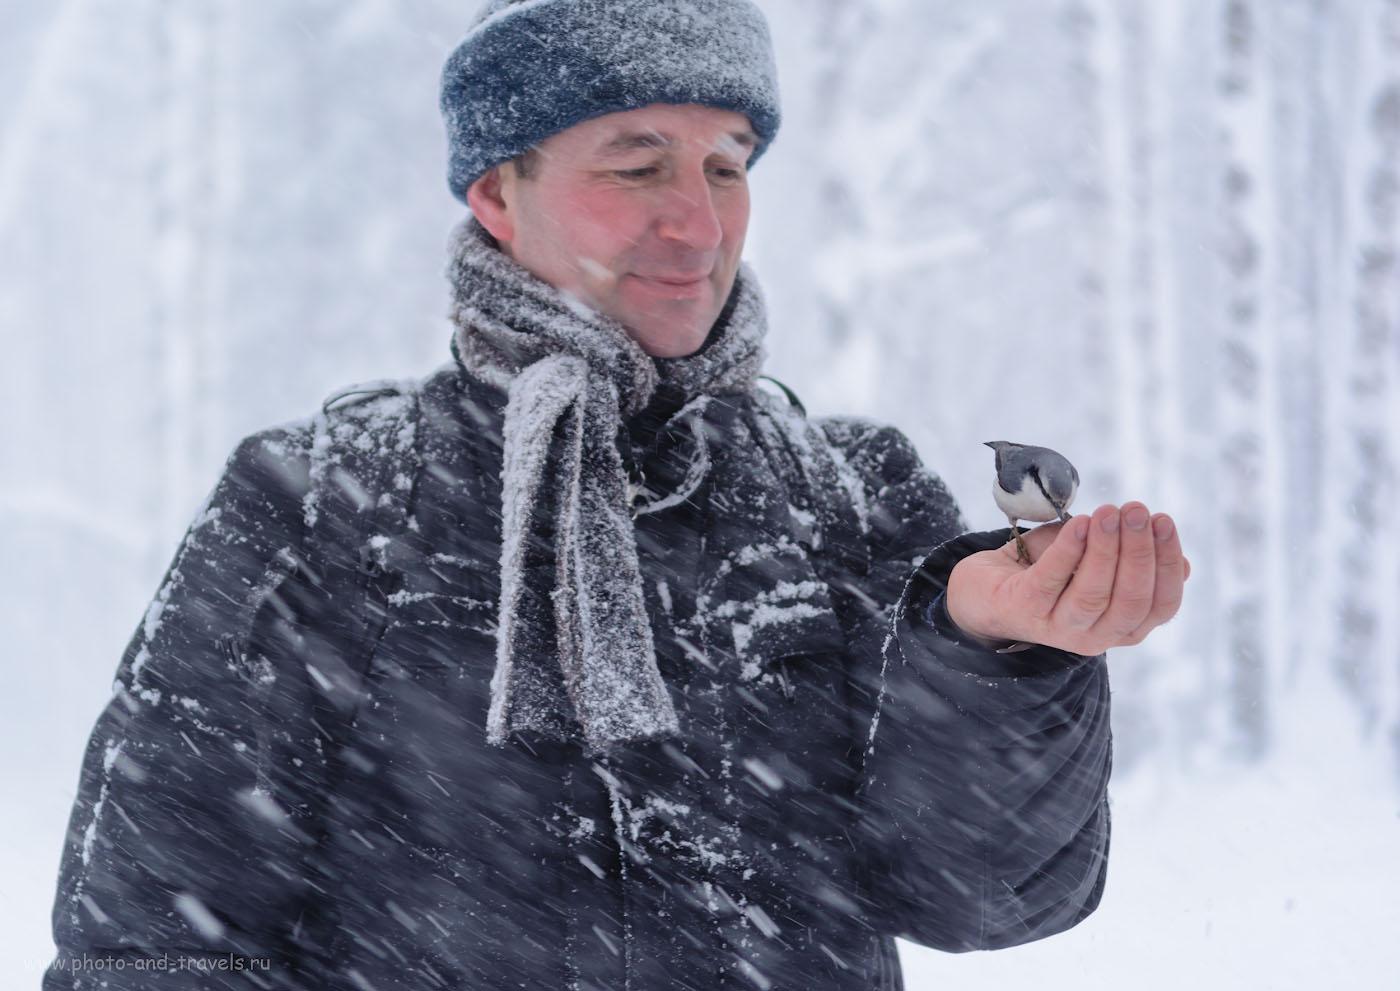 Фото 1. Ливневый снег мешал нам делать обзор объектива Nikon 17-55mm f/2.8 на тушке Nikon D5200 и сравнивать картинку с другими линзами. Настройки: выдержка 1/100 сек., экспокоррекция +0,67EV, диафрагма f/2.8, ISO 220, фокусное расстояние 50 мм.